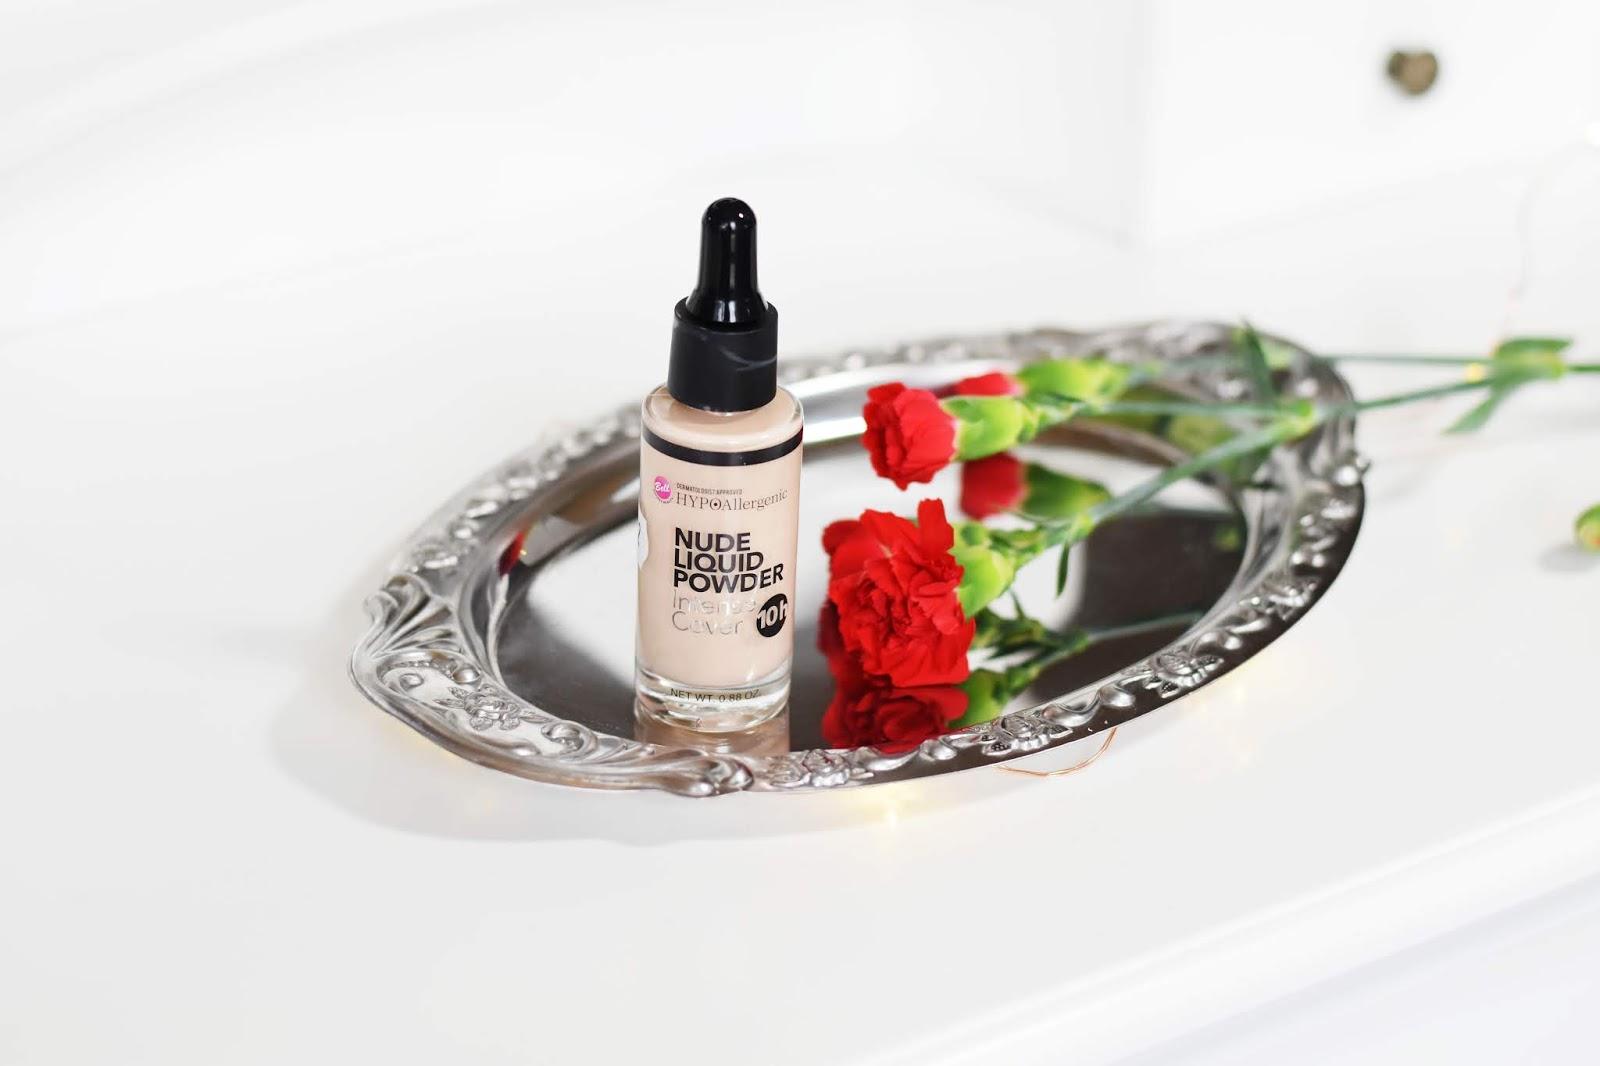 BELL HYPOallergenic, Nude Liquid Powder - najlepszy, długotrwały podkład drogeryjny?